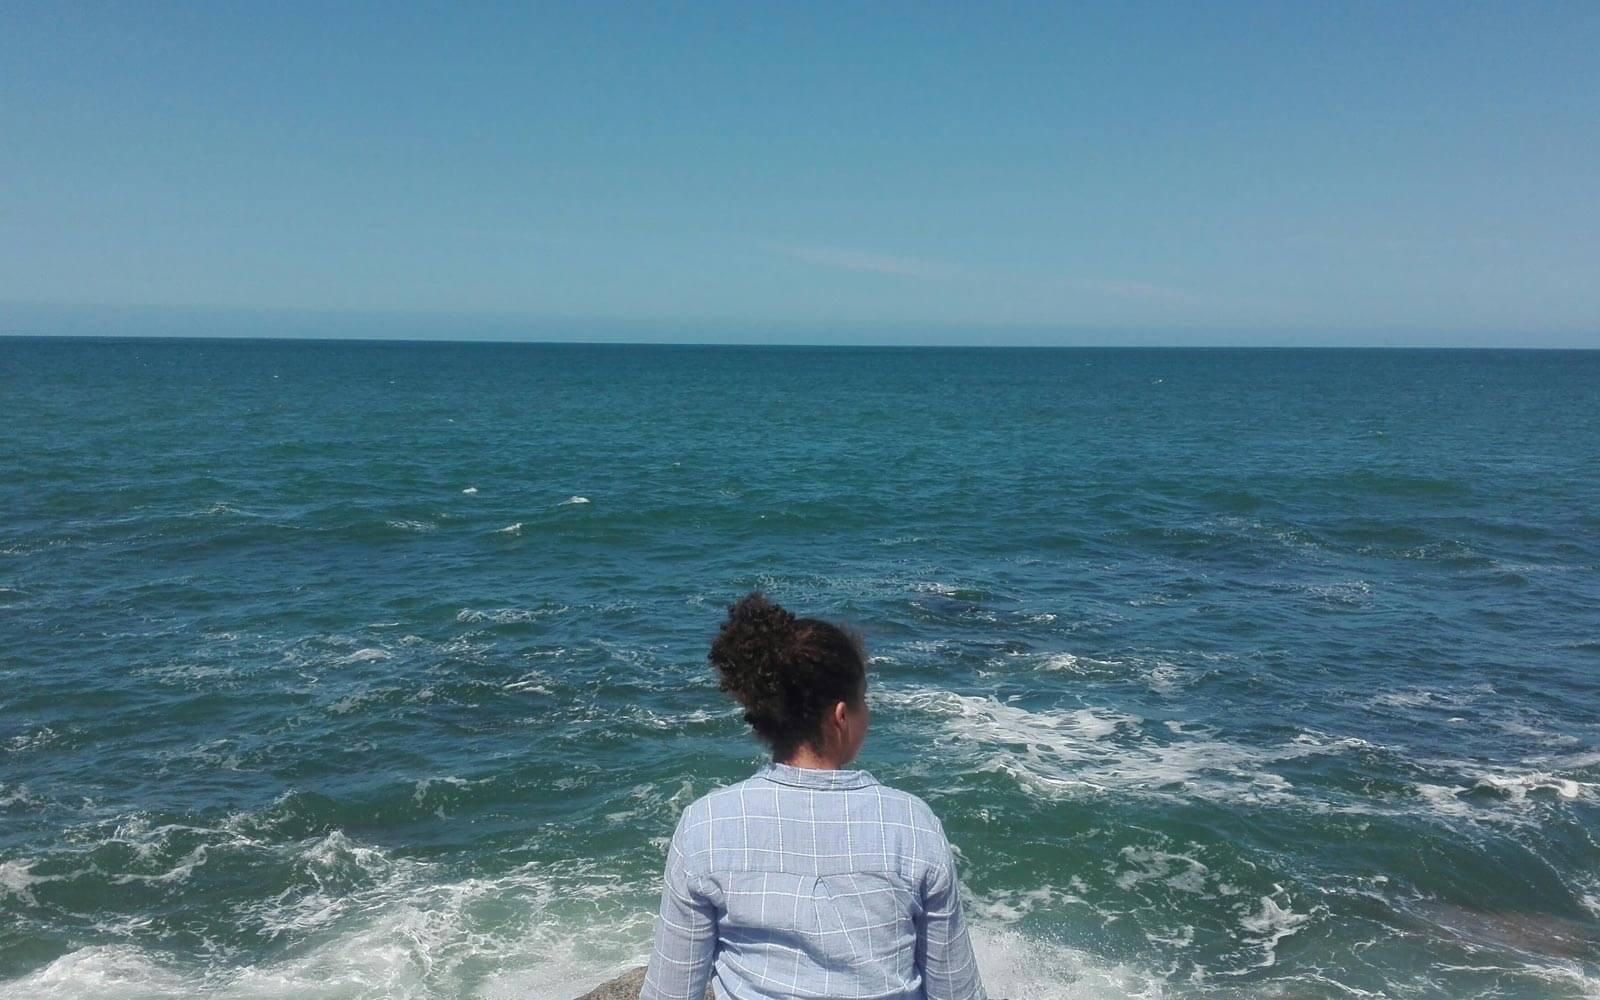 Fabienne am Meer in Australien